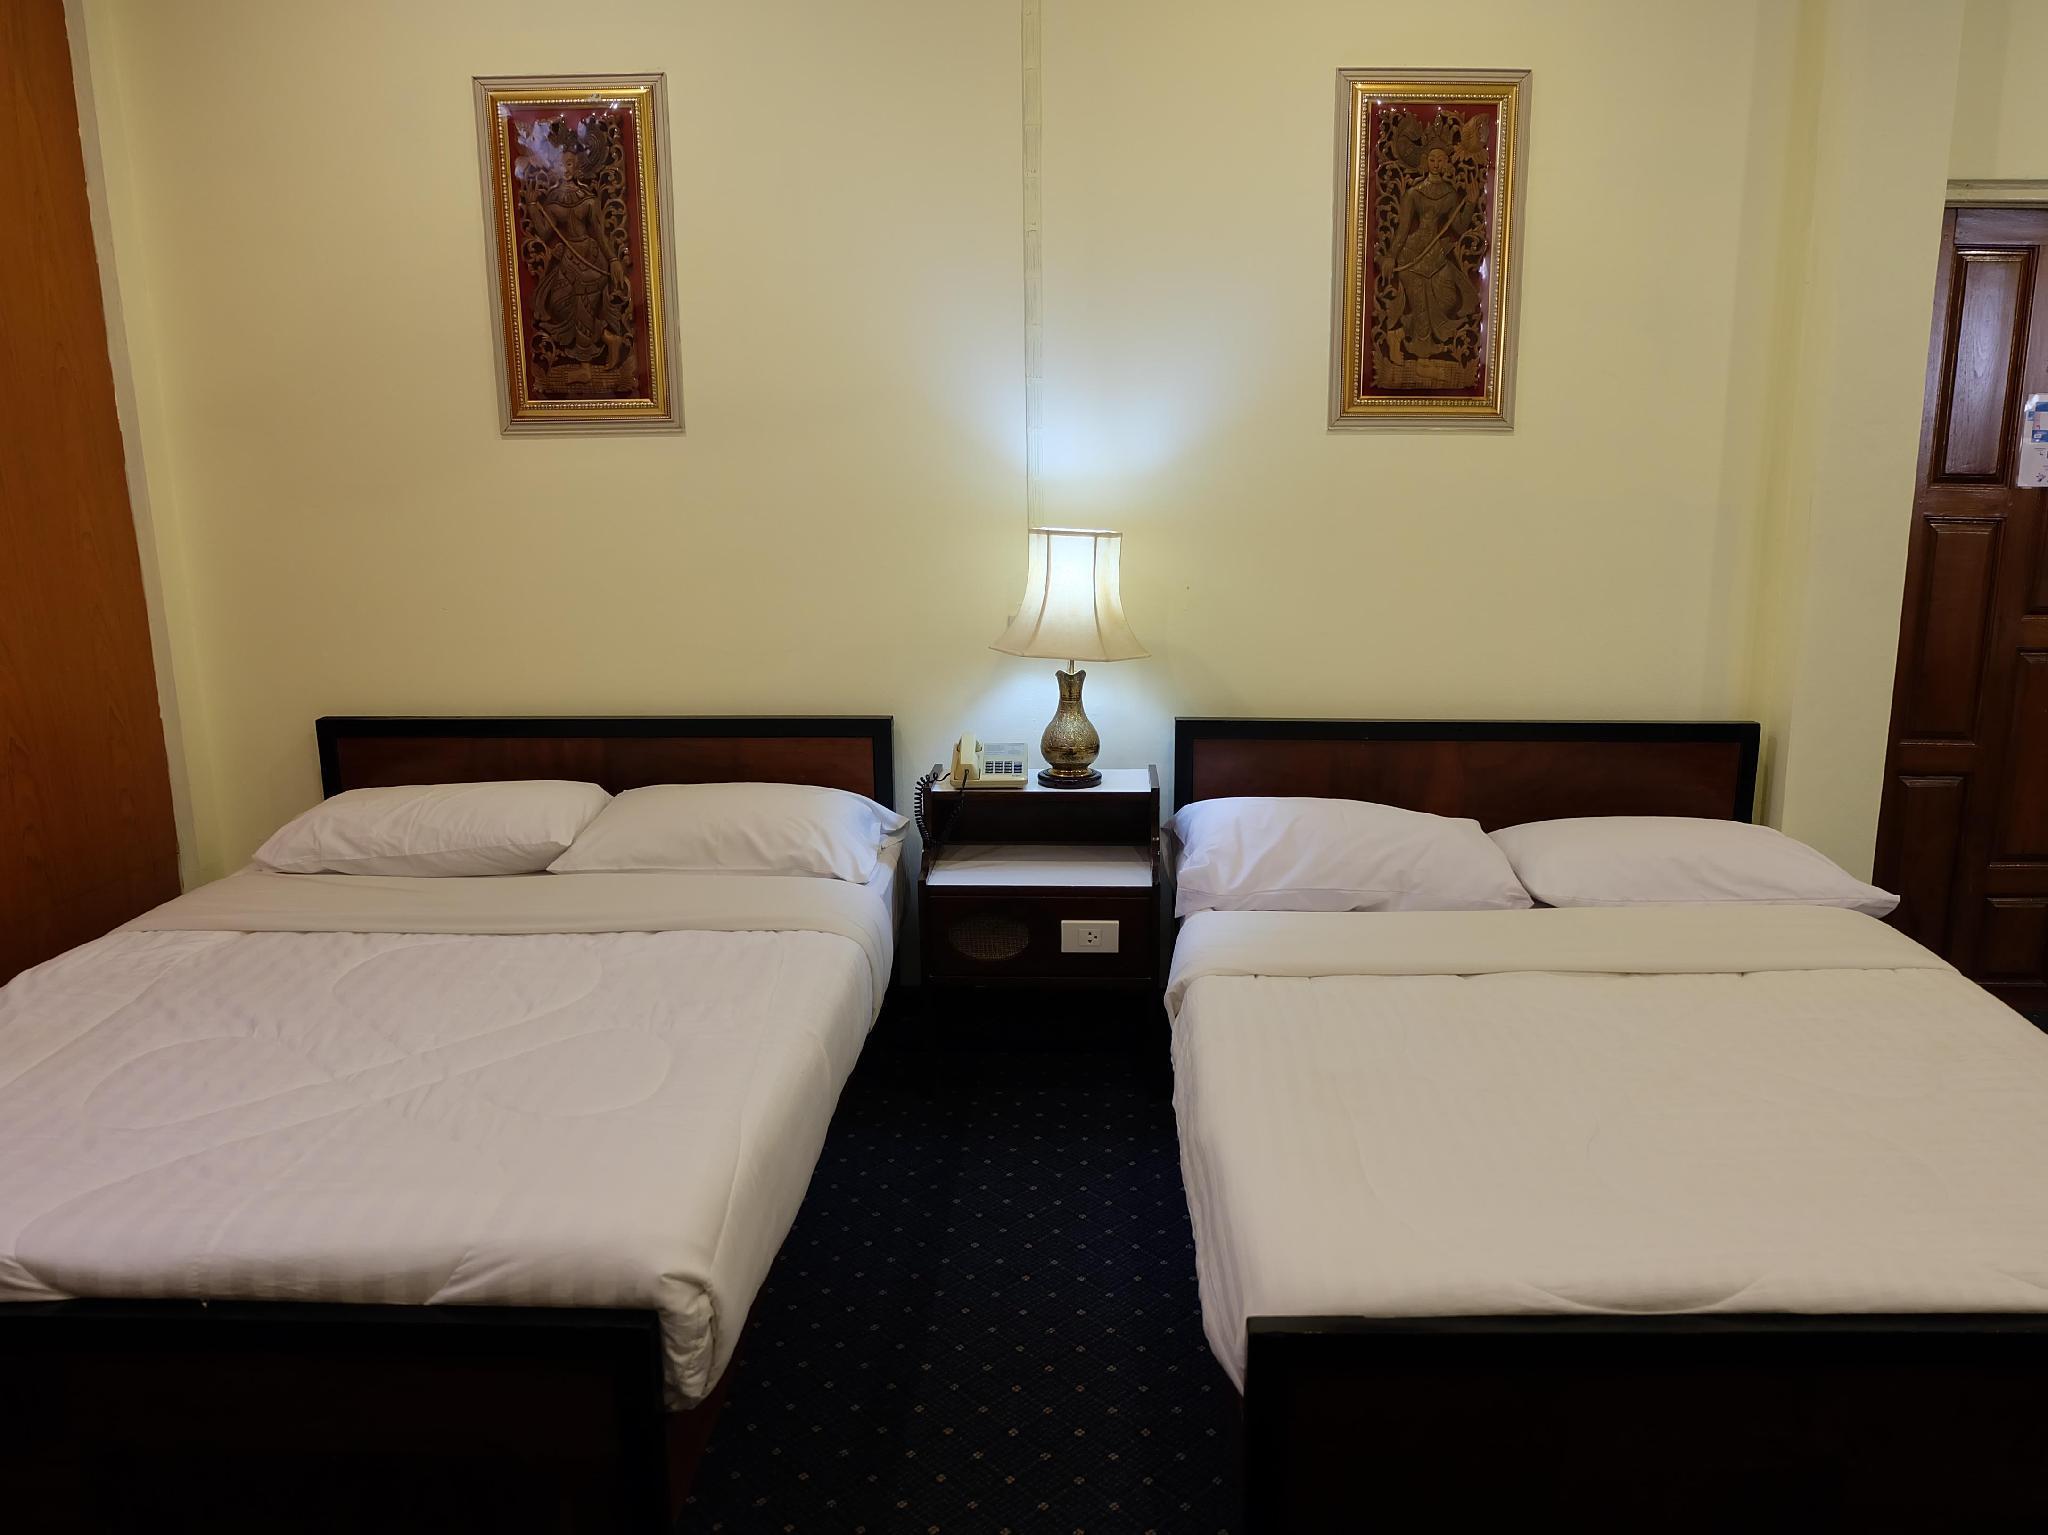 โรงแรมปริ๊นซ์